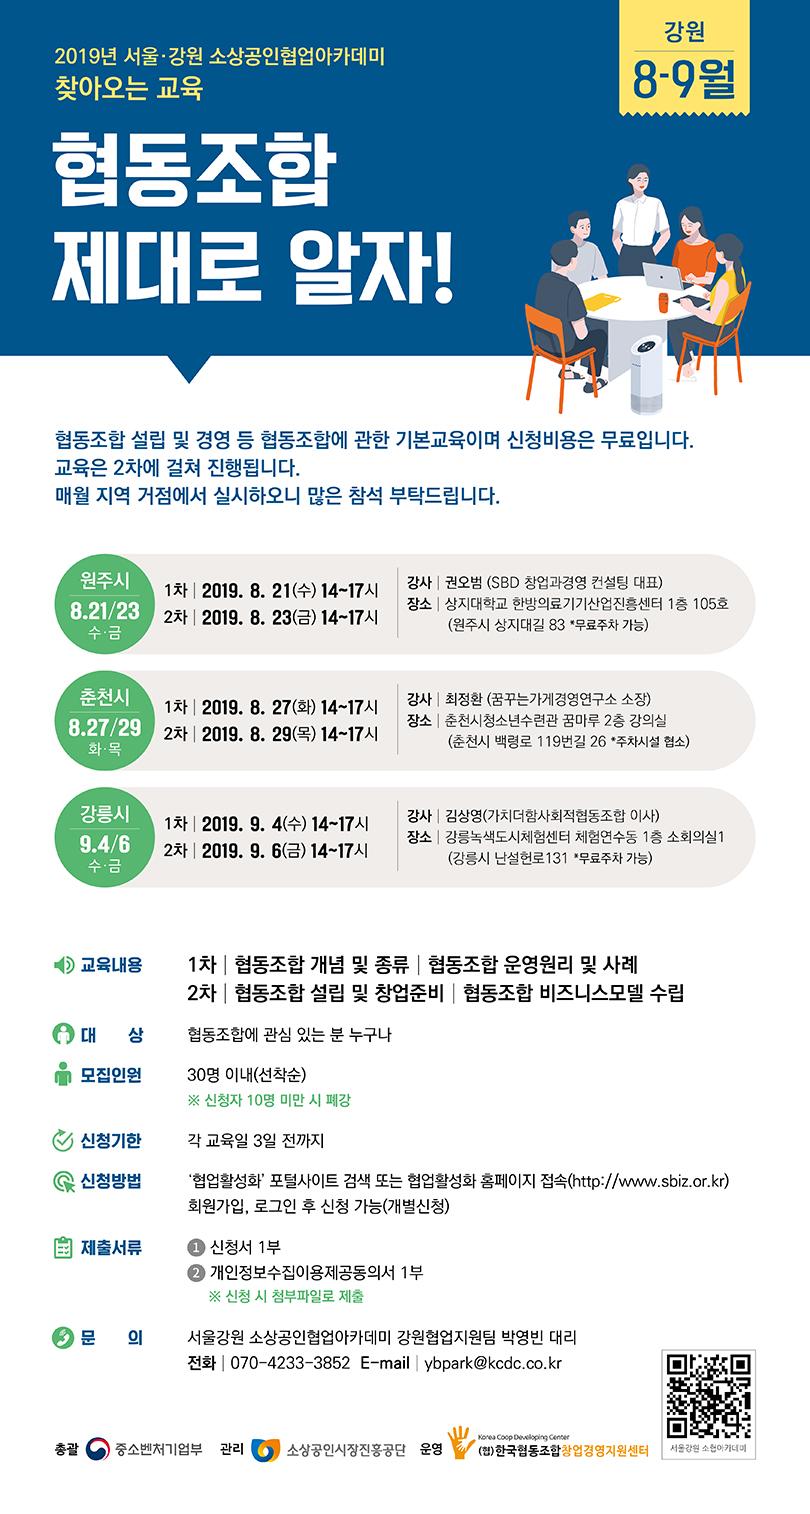 [공지] 서울강원소상공인협업아카데미 | 소상공인협업아카데미 찾아오는 교육